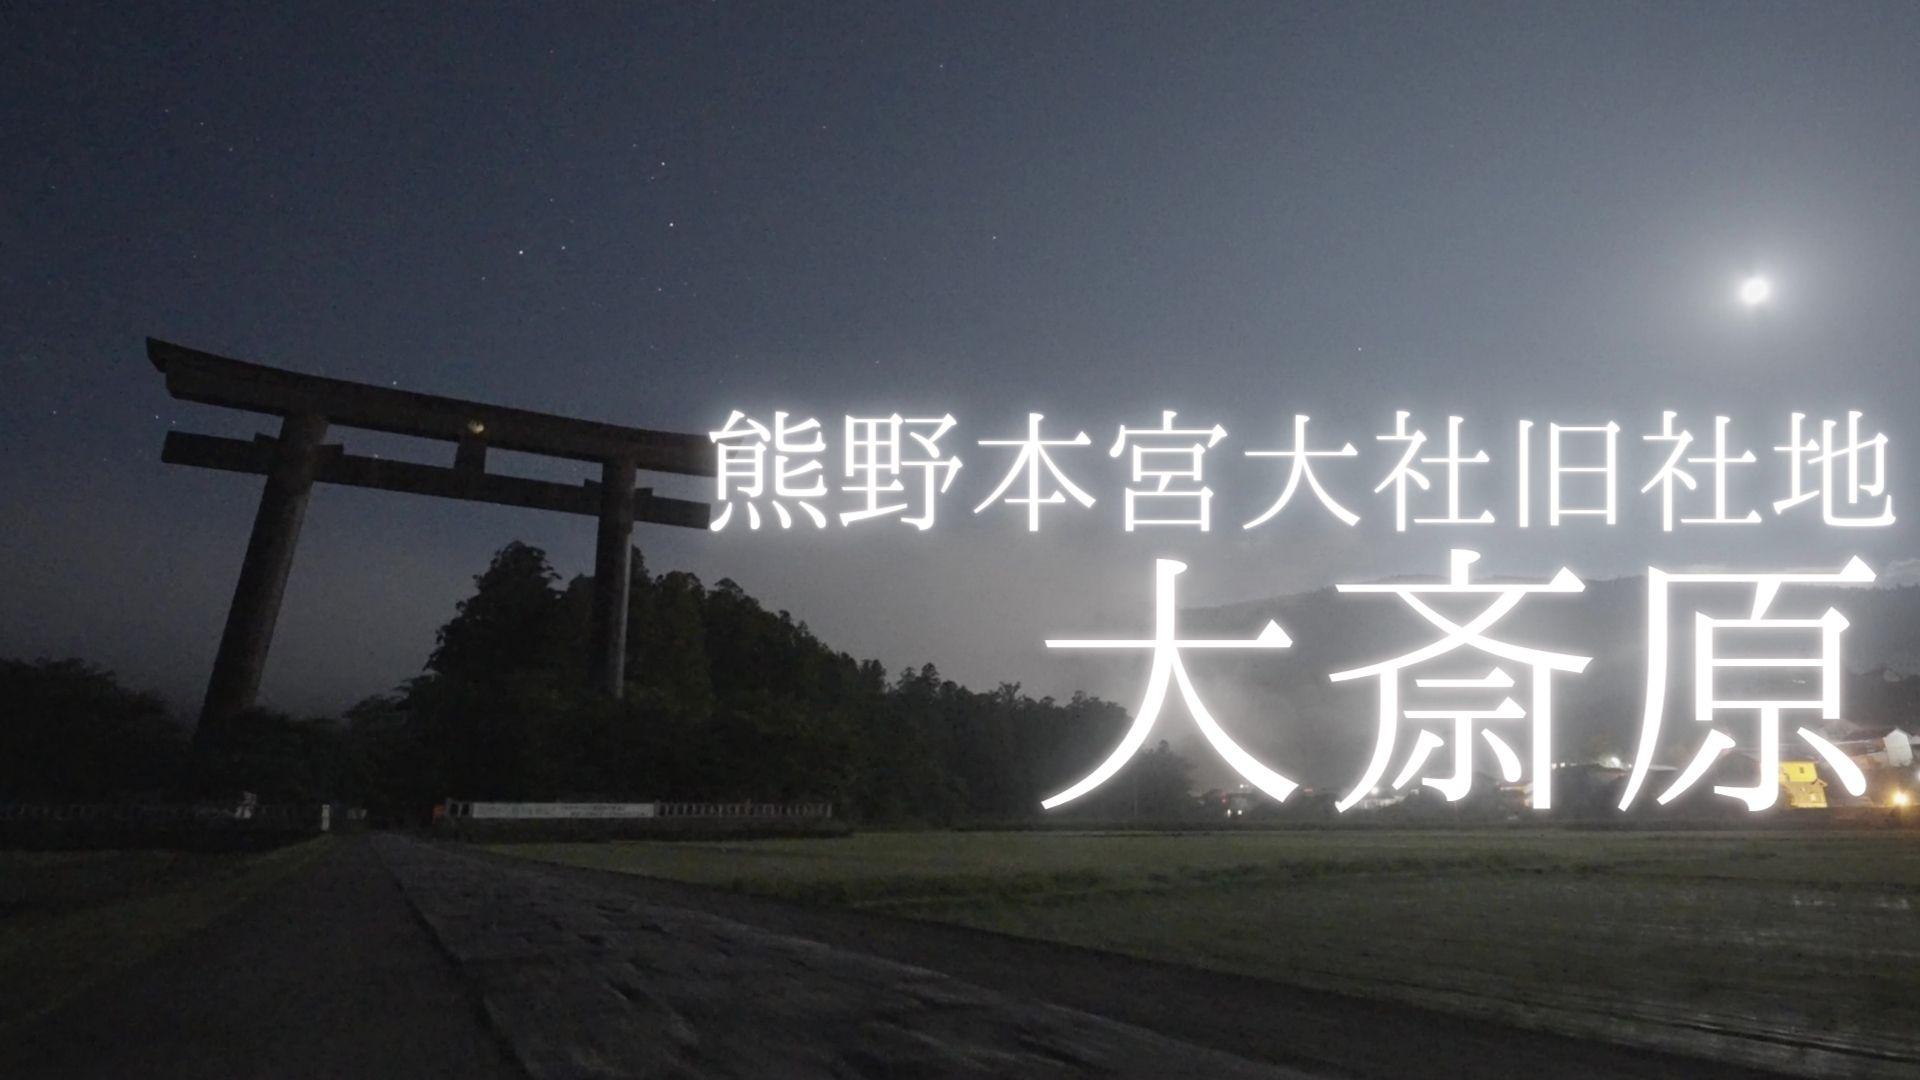 【2021】月と霧と星空。夜の大斎原を動画撮影しました